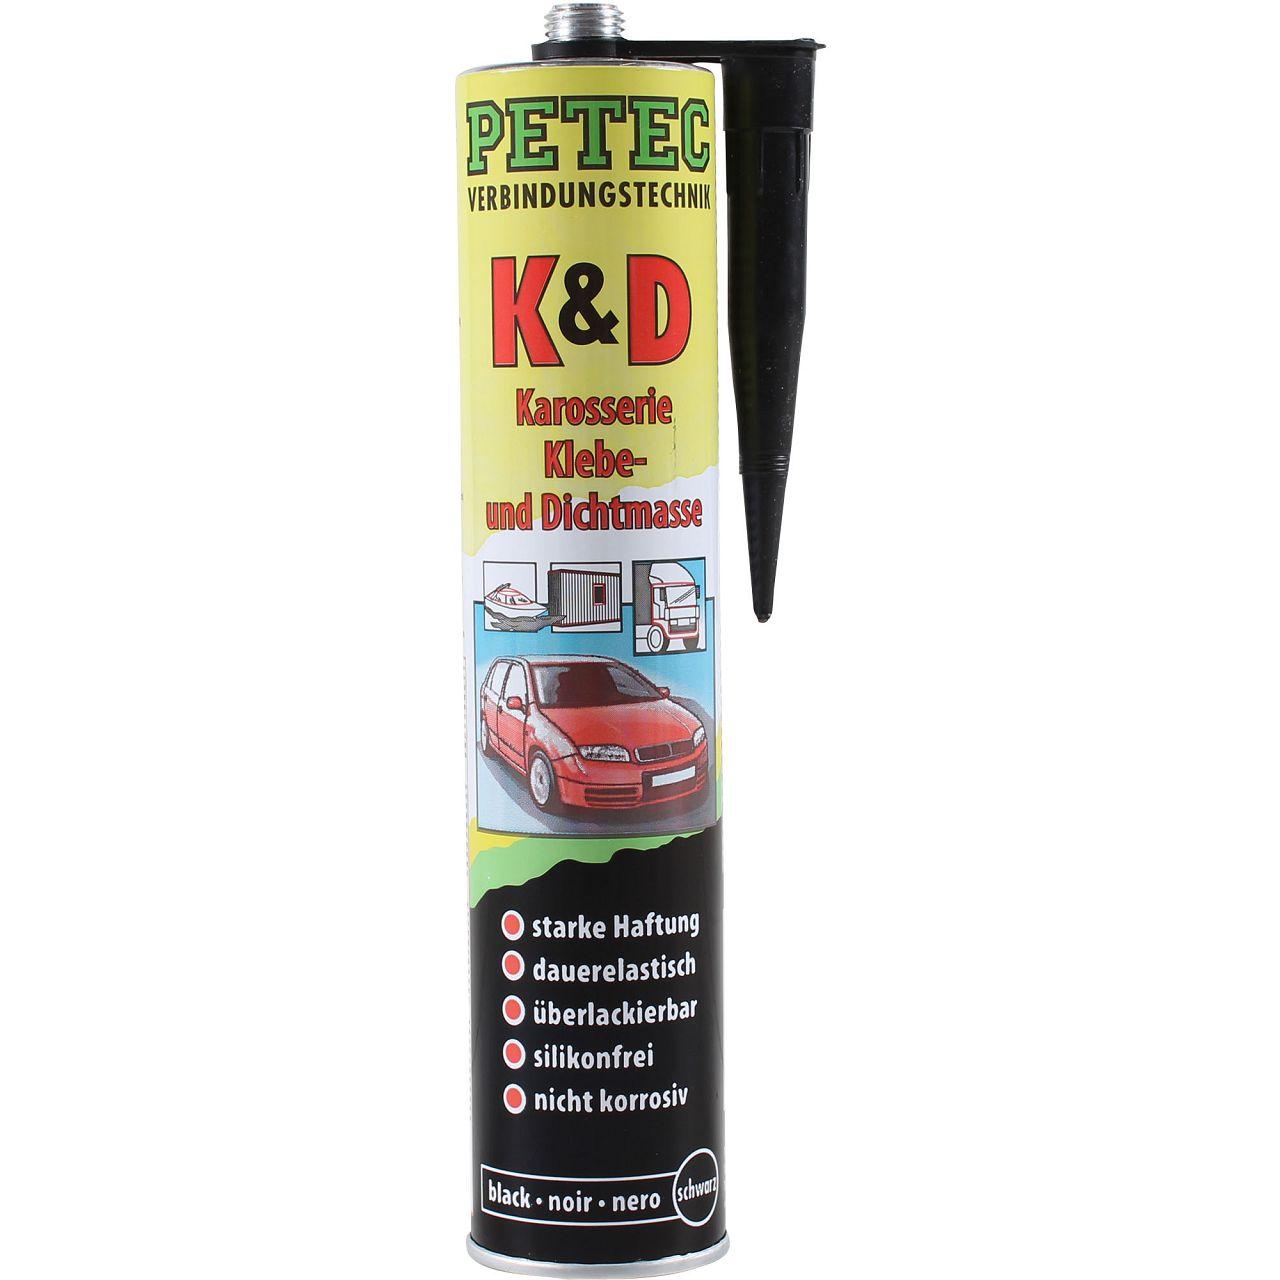 PETEC K&D Karosseriekleber / Dichtmasse SCHWARZ 310ml 94730